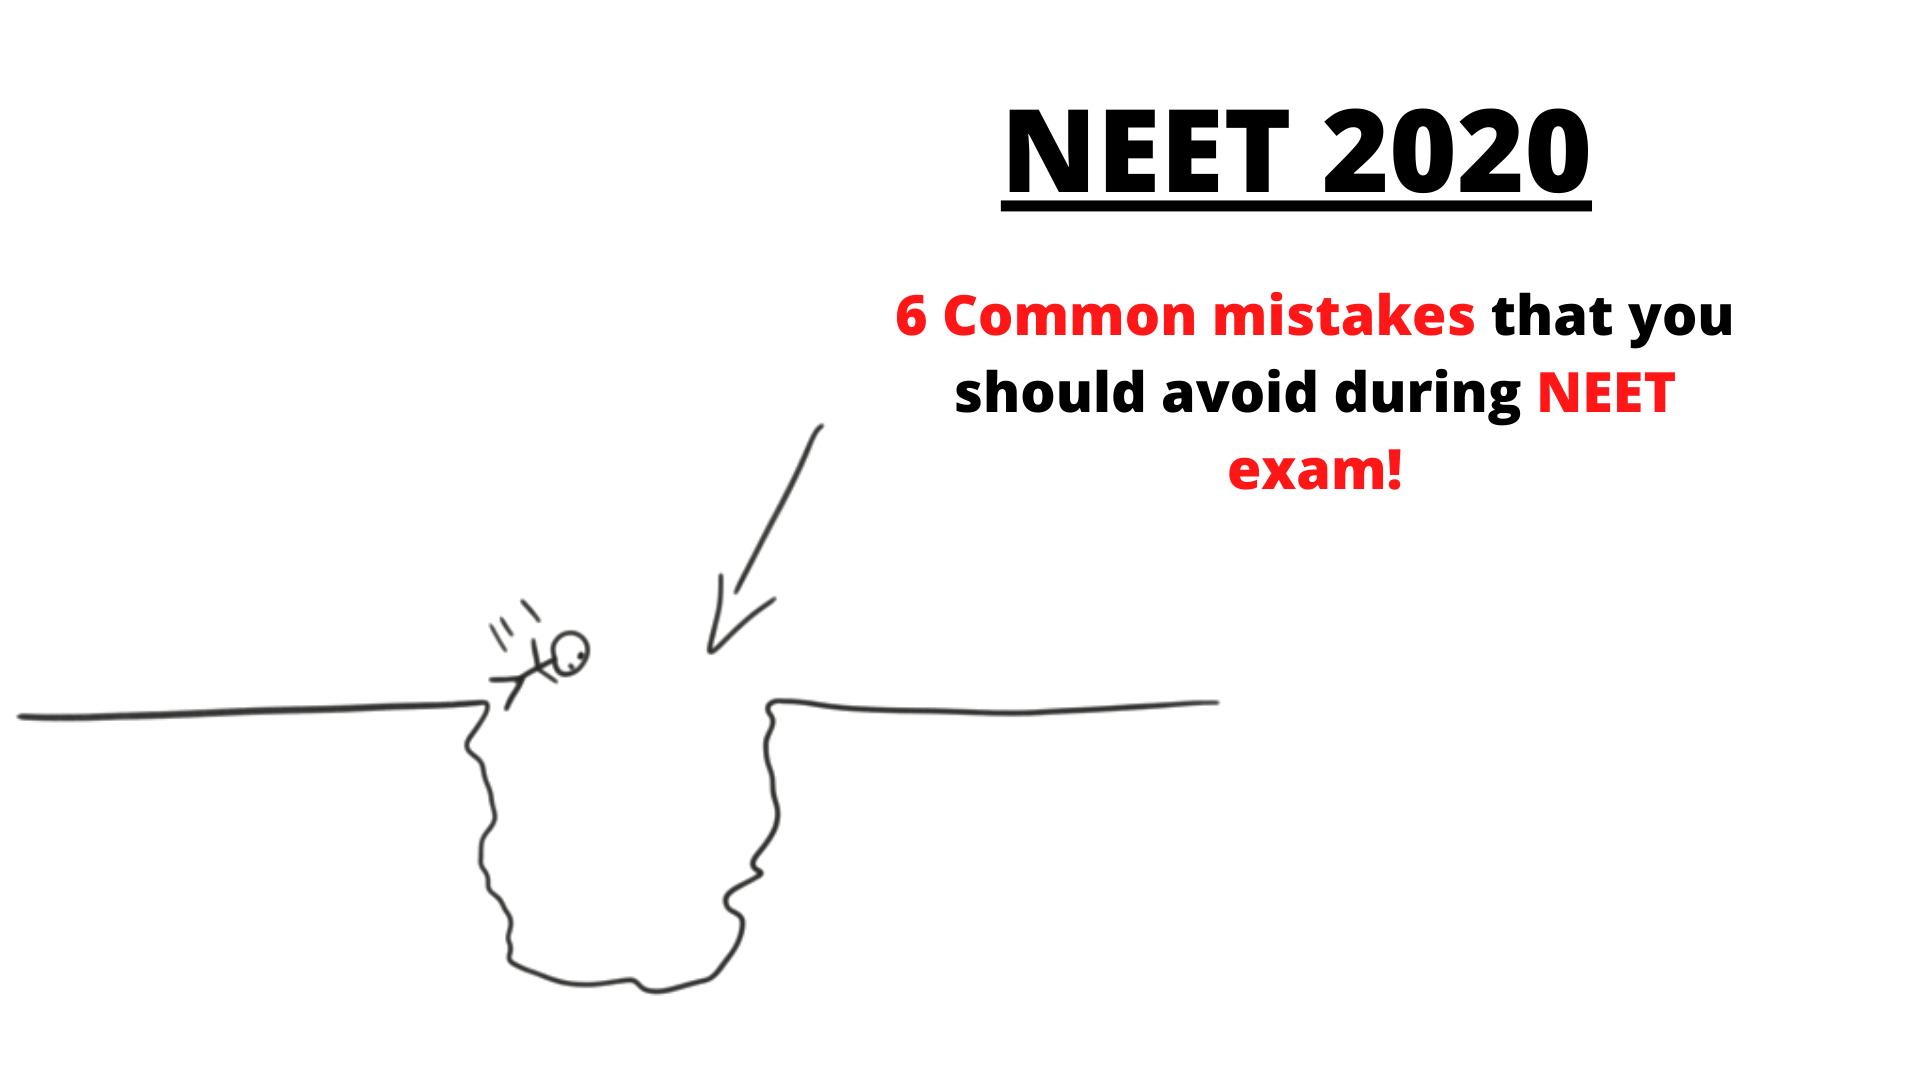 neet mistakes